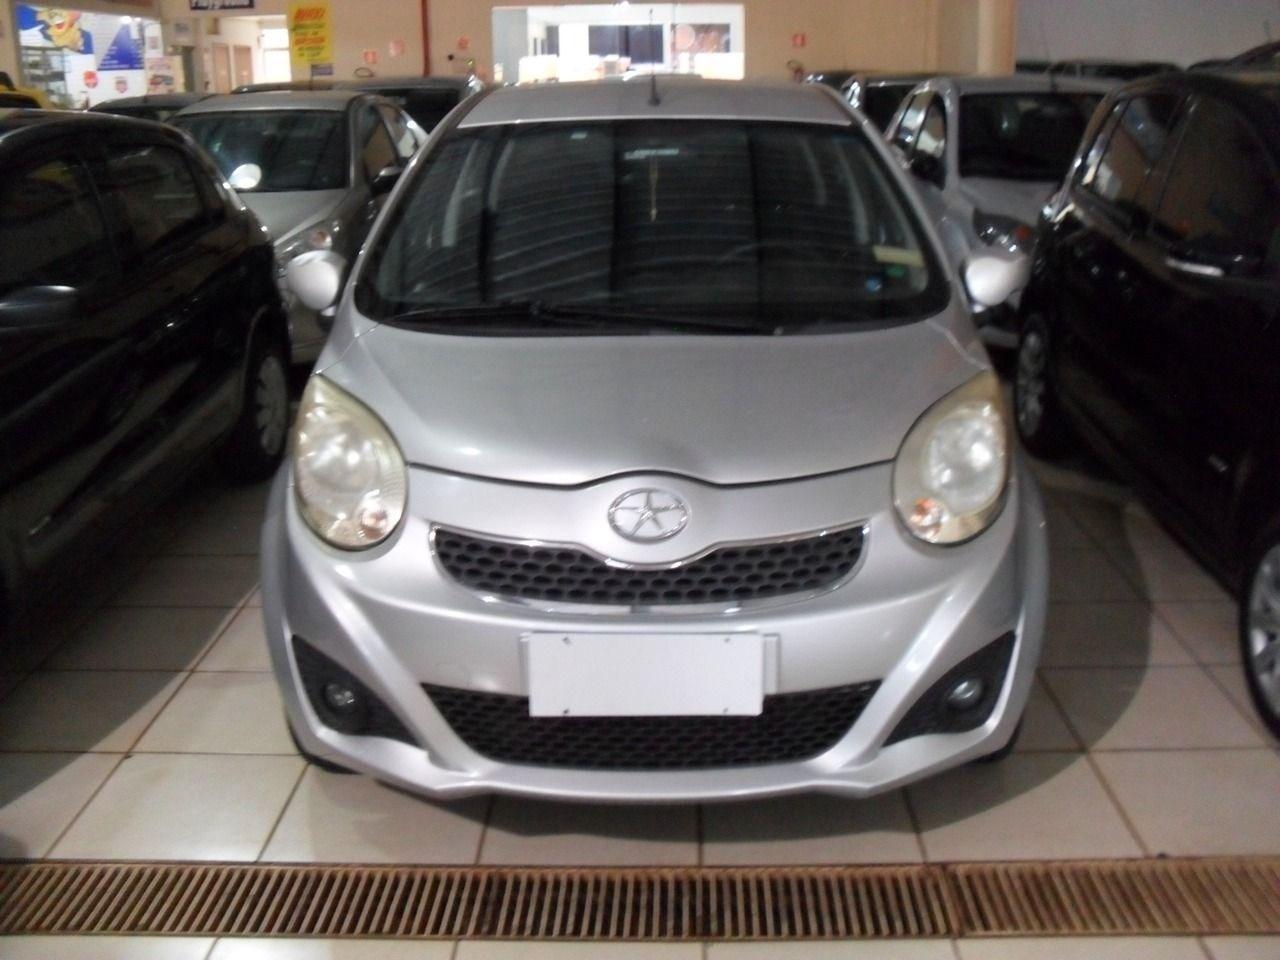 //www.autoline.com.br/carro/jac/j2-14-16v-gasolina-4p-manual/2014/ribeirao-preto-sp/13577587